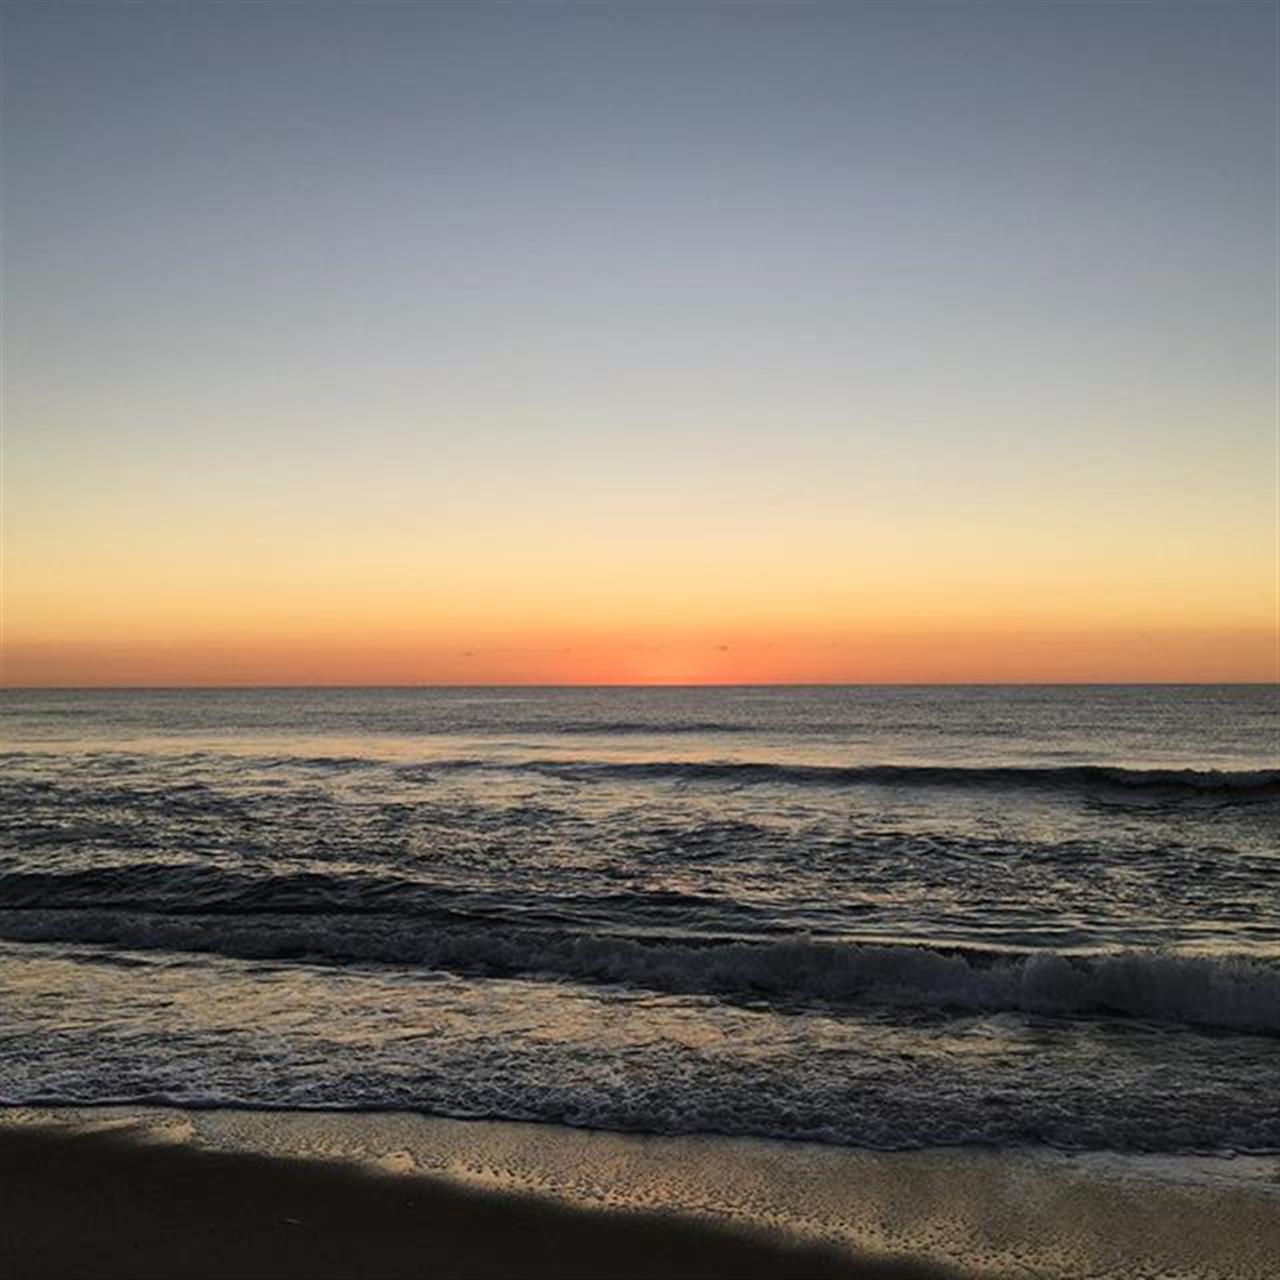 Just before sunrise... #nj #sunrise #goodmorning #jshn